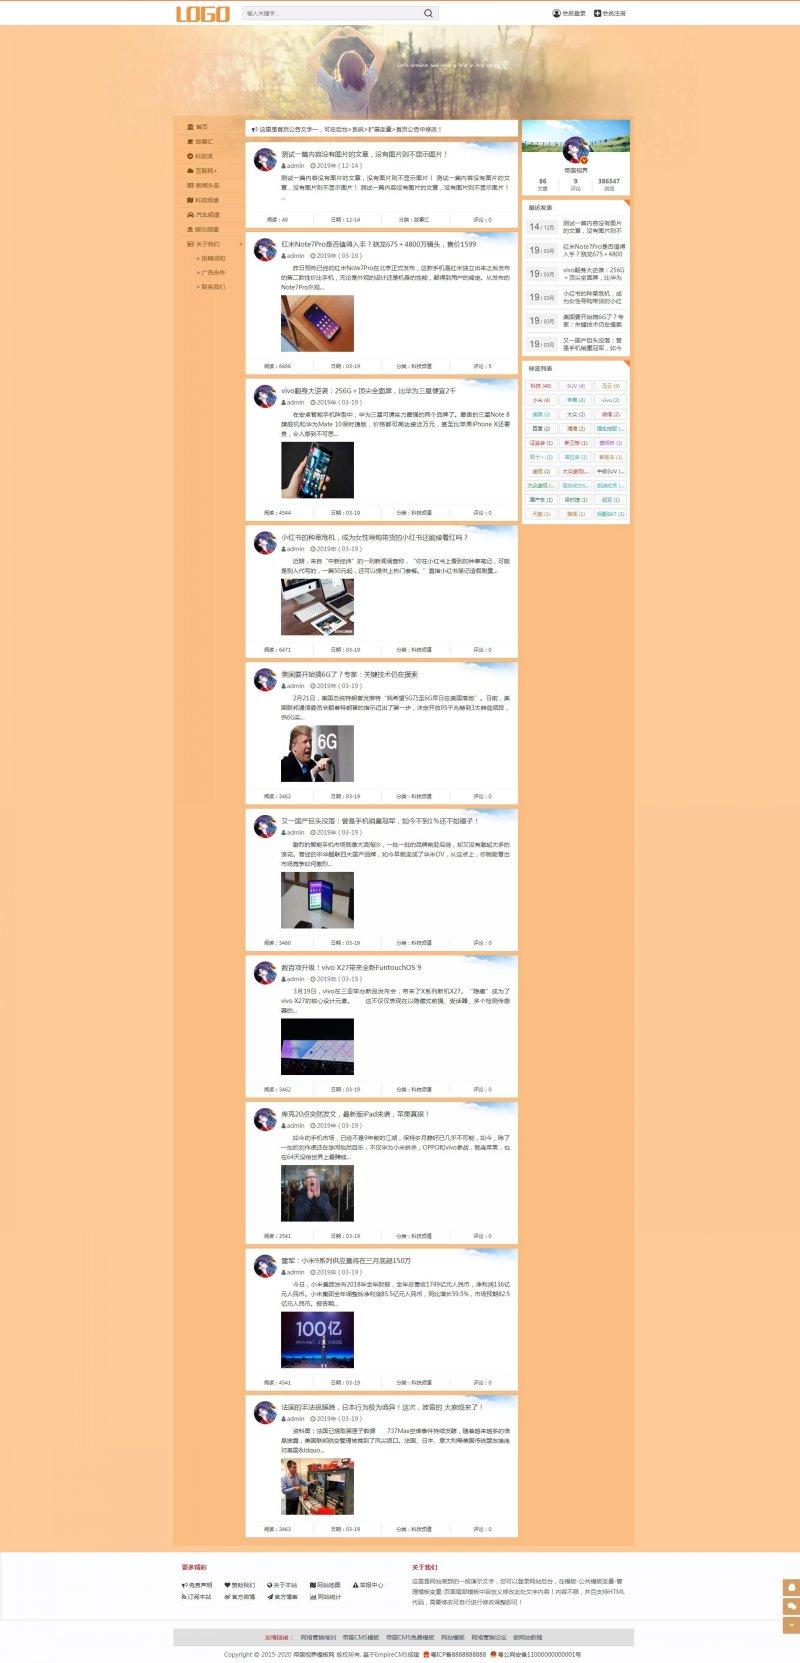 网站首页.jpg [DG-049]帝国CMS仿微博个人博客自适应资讯博客模板(带会员中心) 博客文章 第1张